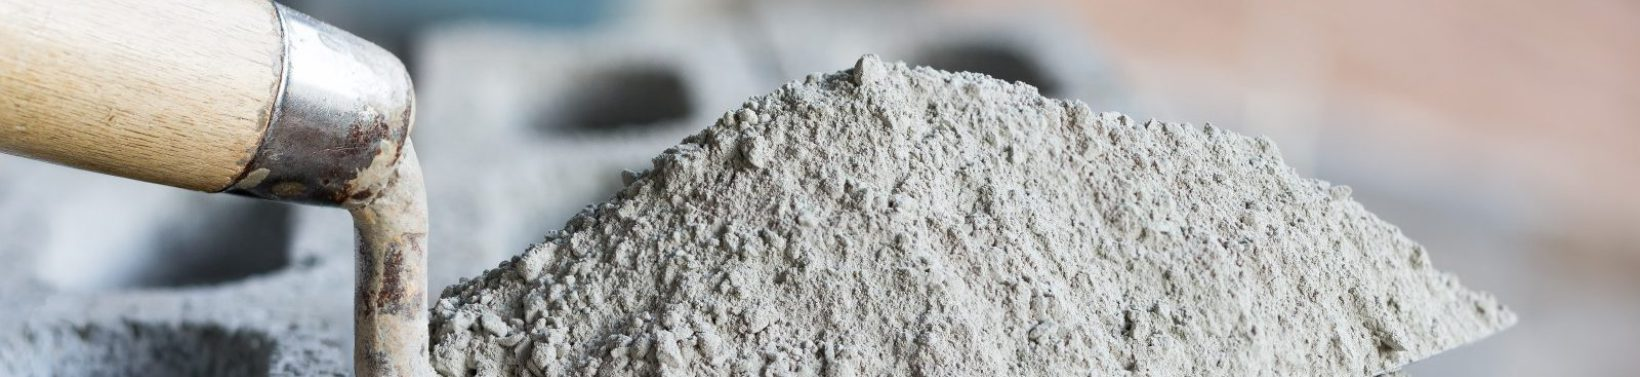 Ciment ou mortier poudre de ciment avec une truelle posee sur la brique pour les travaux de construction.; Shutterstock ID 560099371